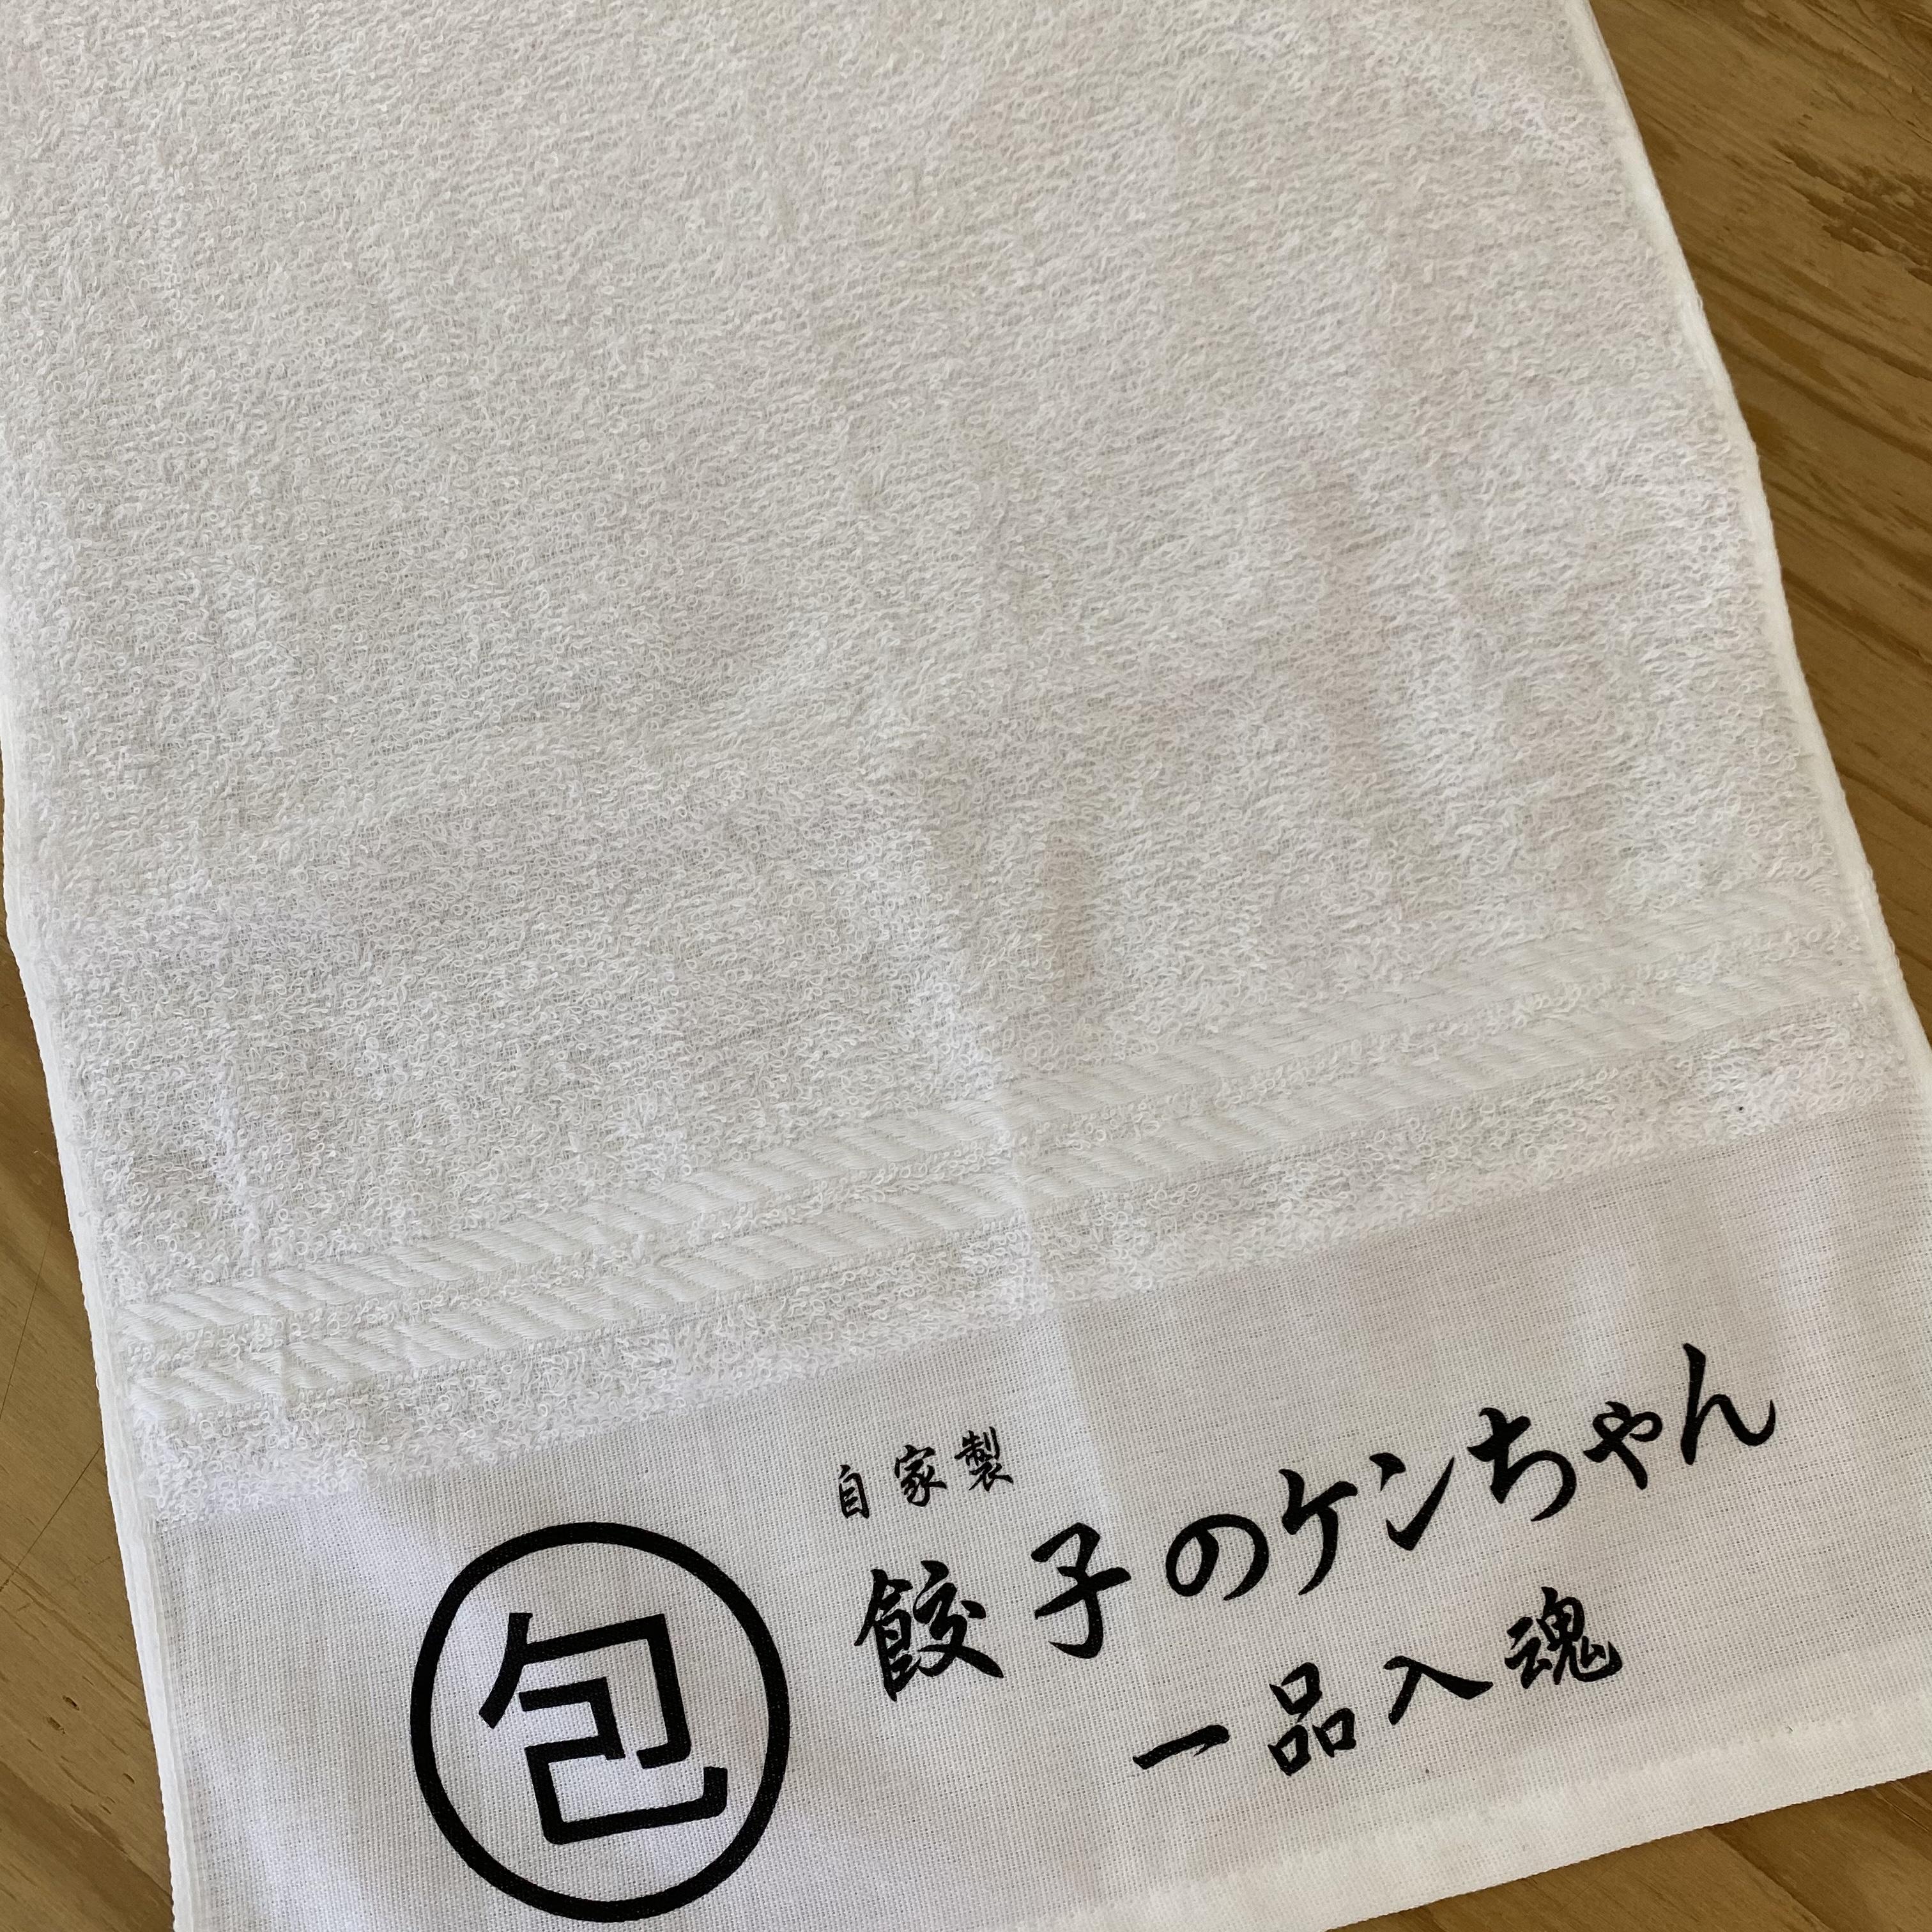 餃子のケンちゃん 名入れタオル完成 5周年記念